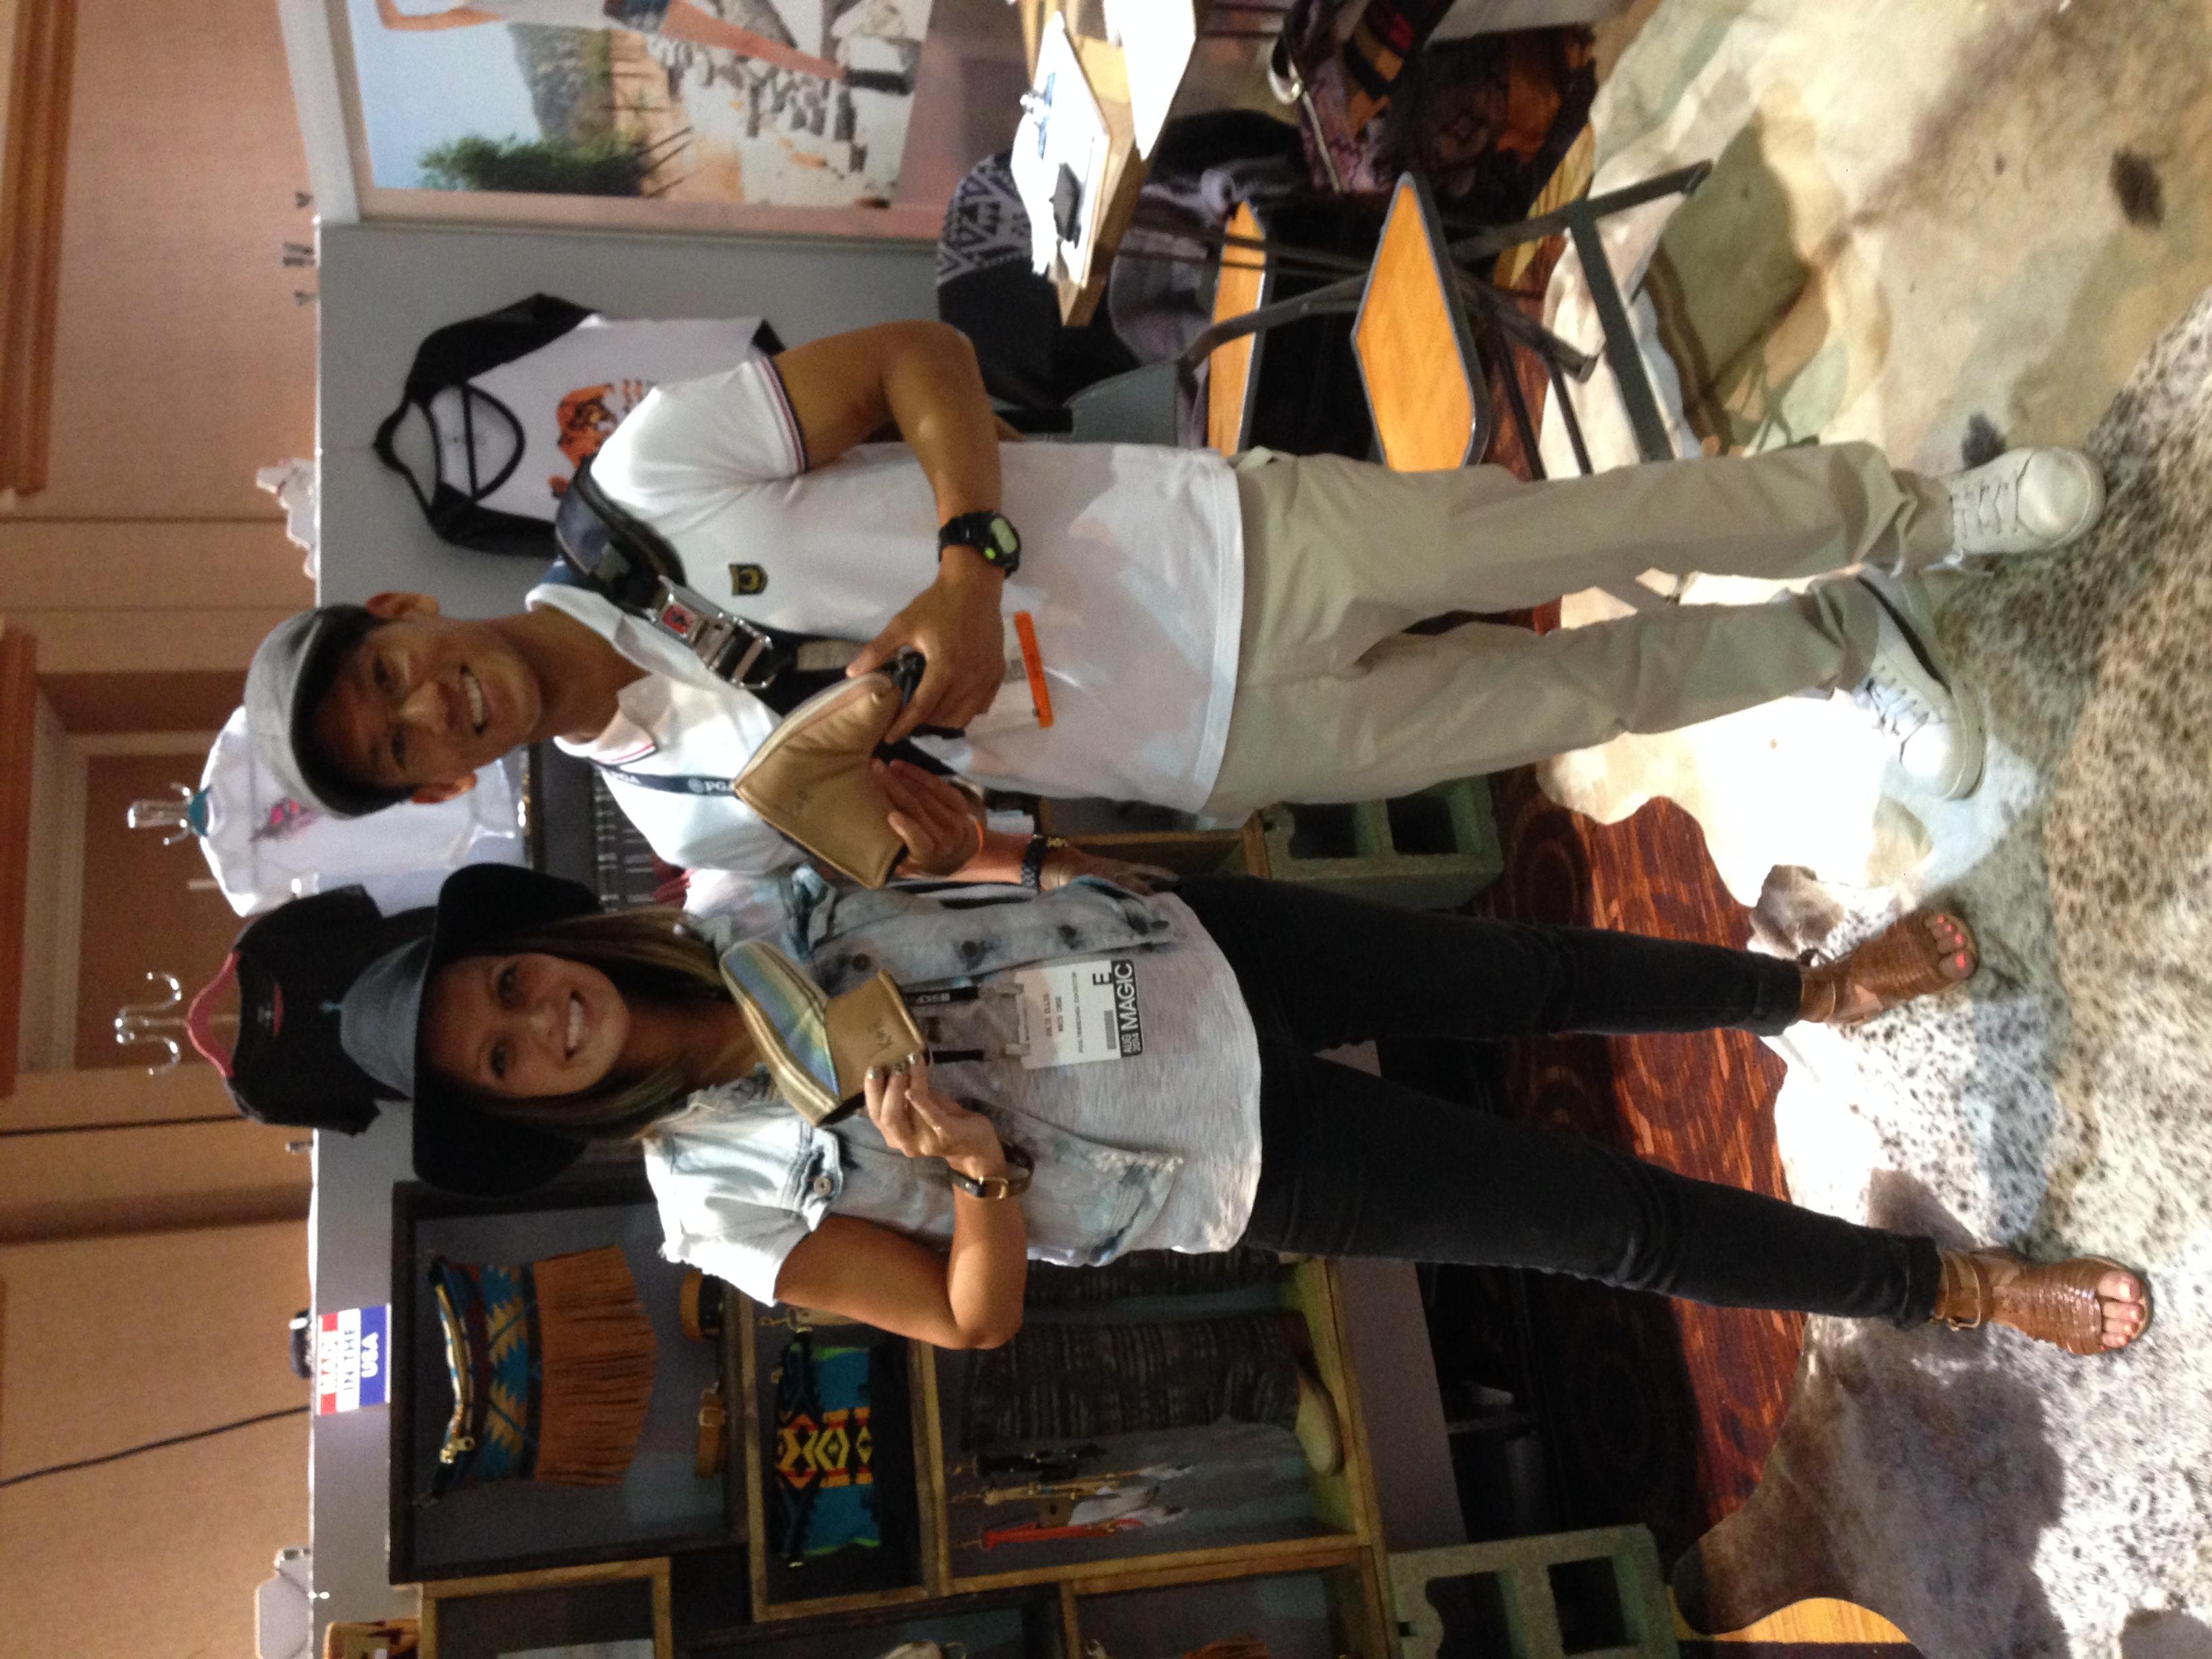 Julie Ellis (RaisCase designer) and Phillip Lapuz at Capsule, Las Vegas